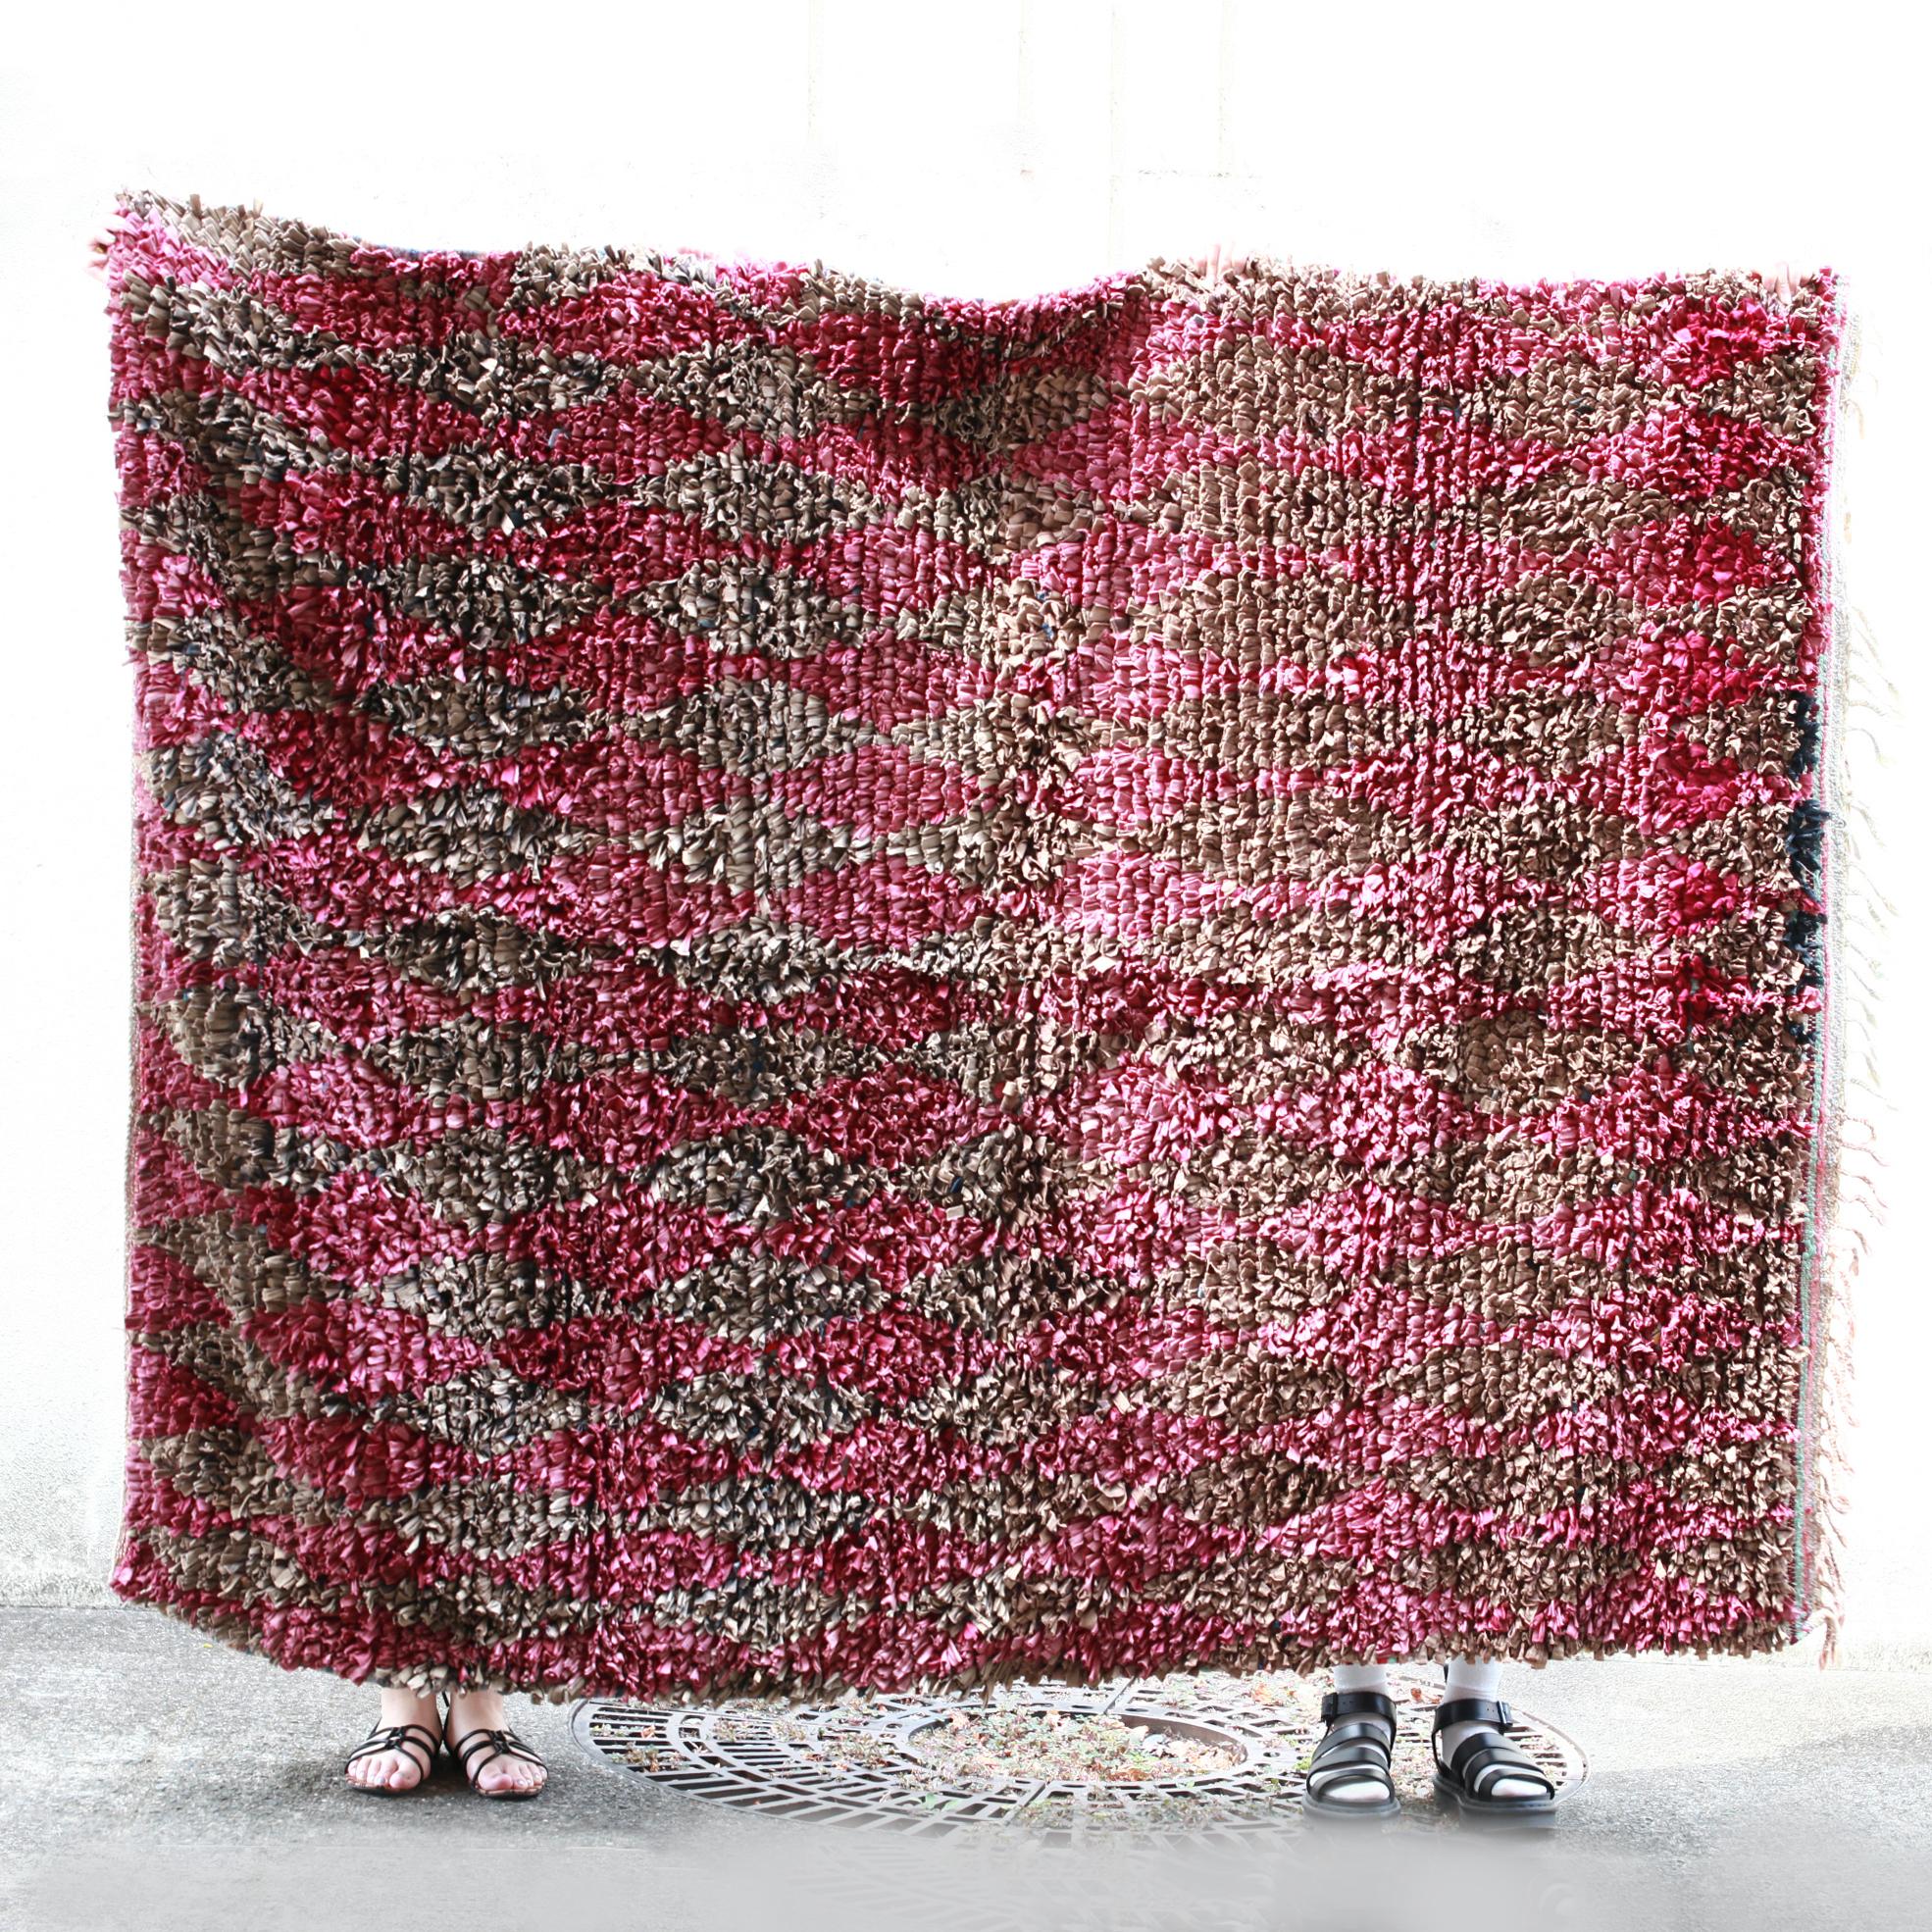 ヴィンテージラグ【6】(ボシャルウィットラグ・モロッコ絨毯・マット・絨毯)